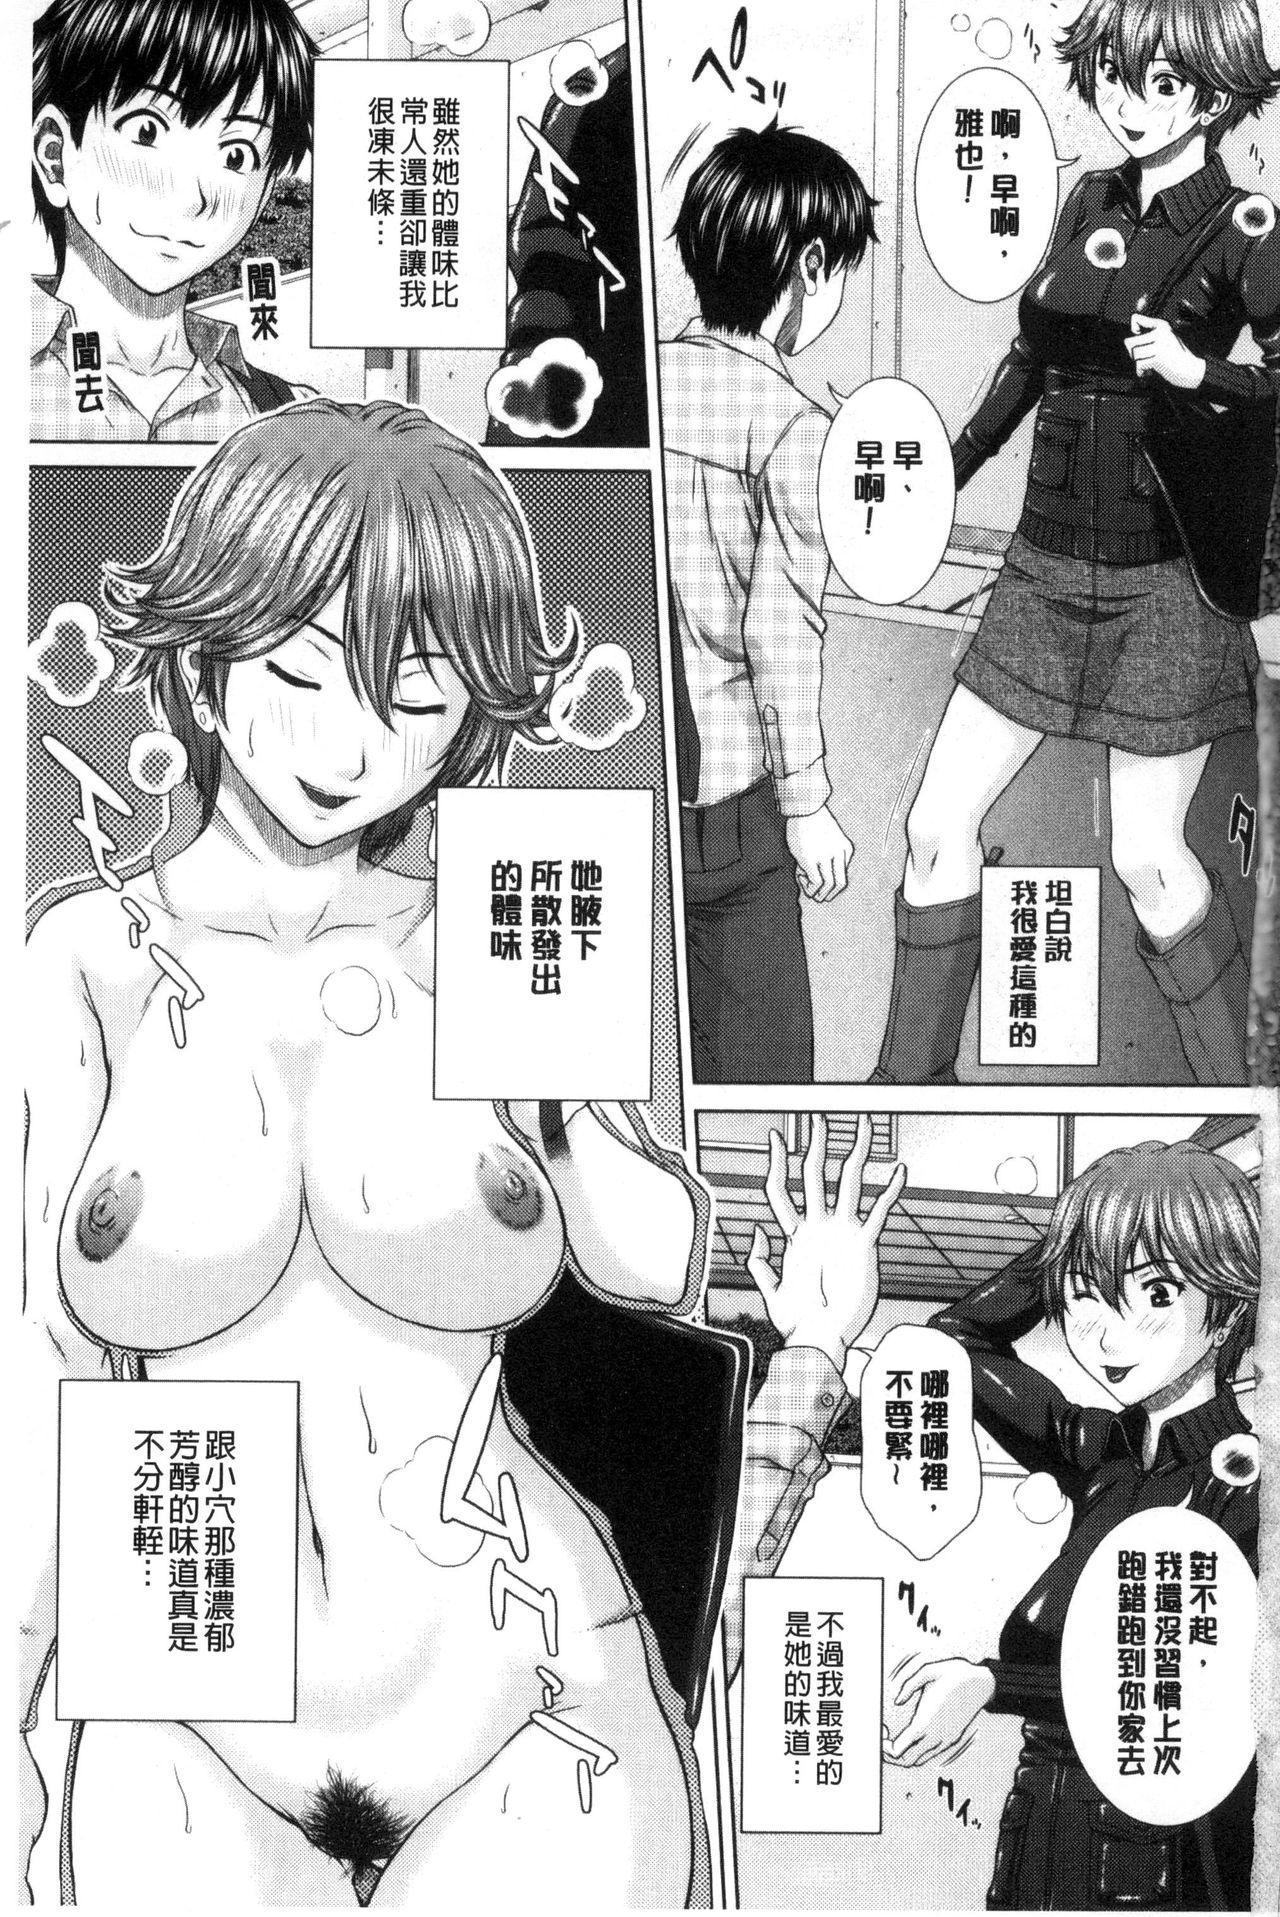 Mesukano Inbina Mesu Kanojotachi To No Hibi 3